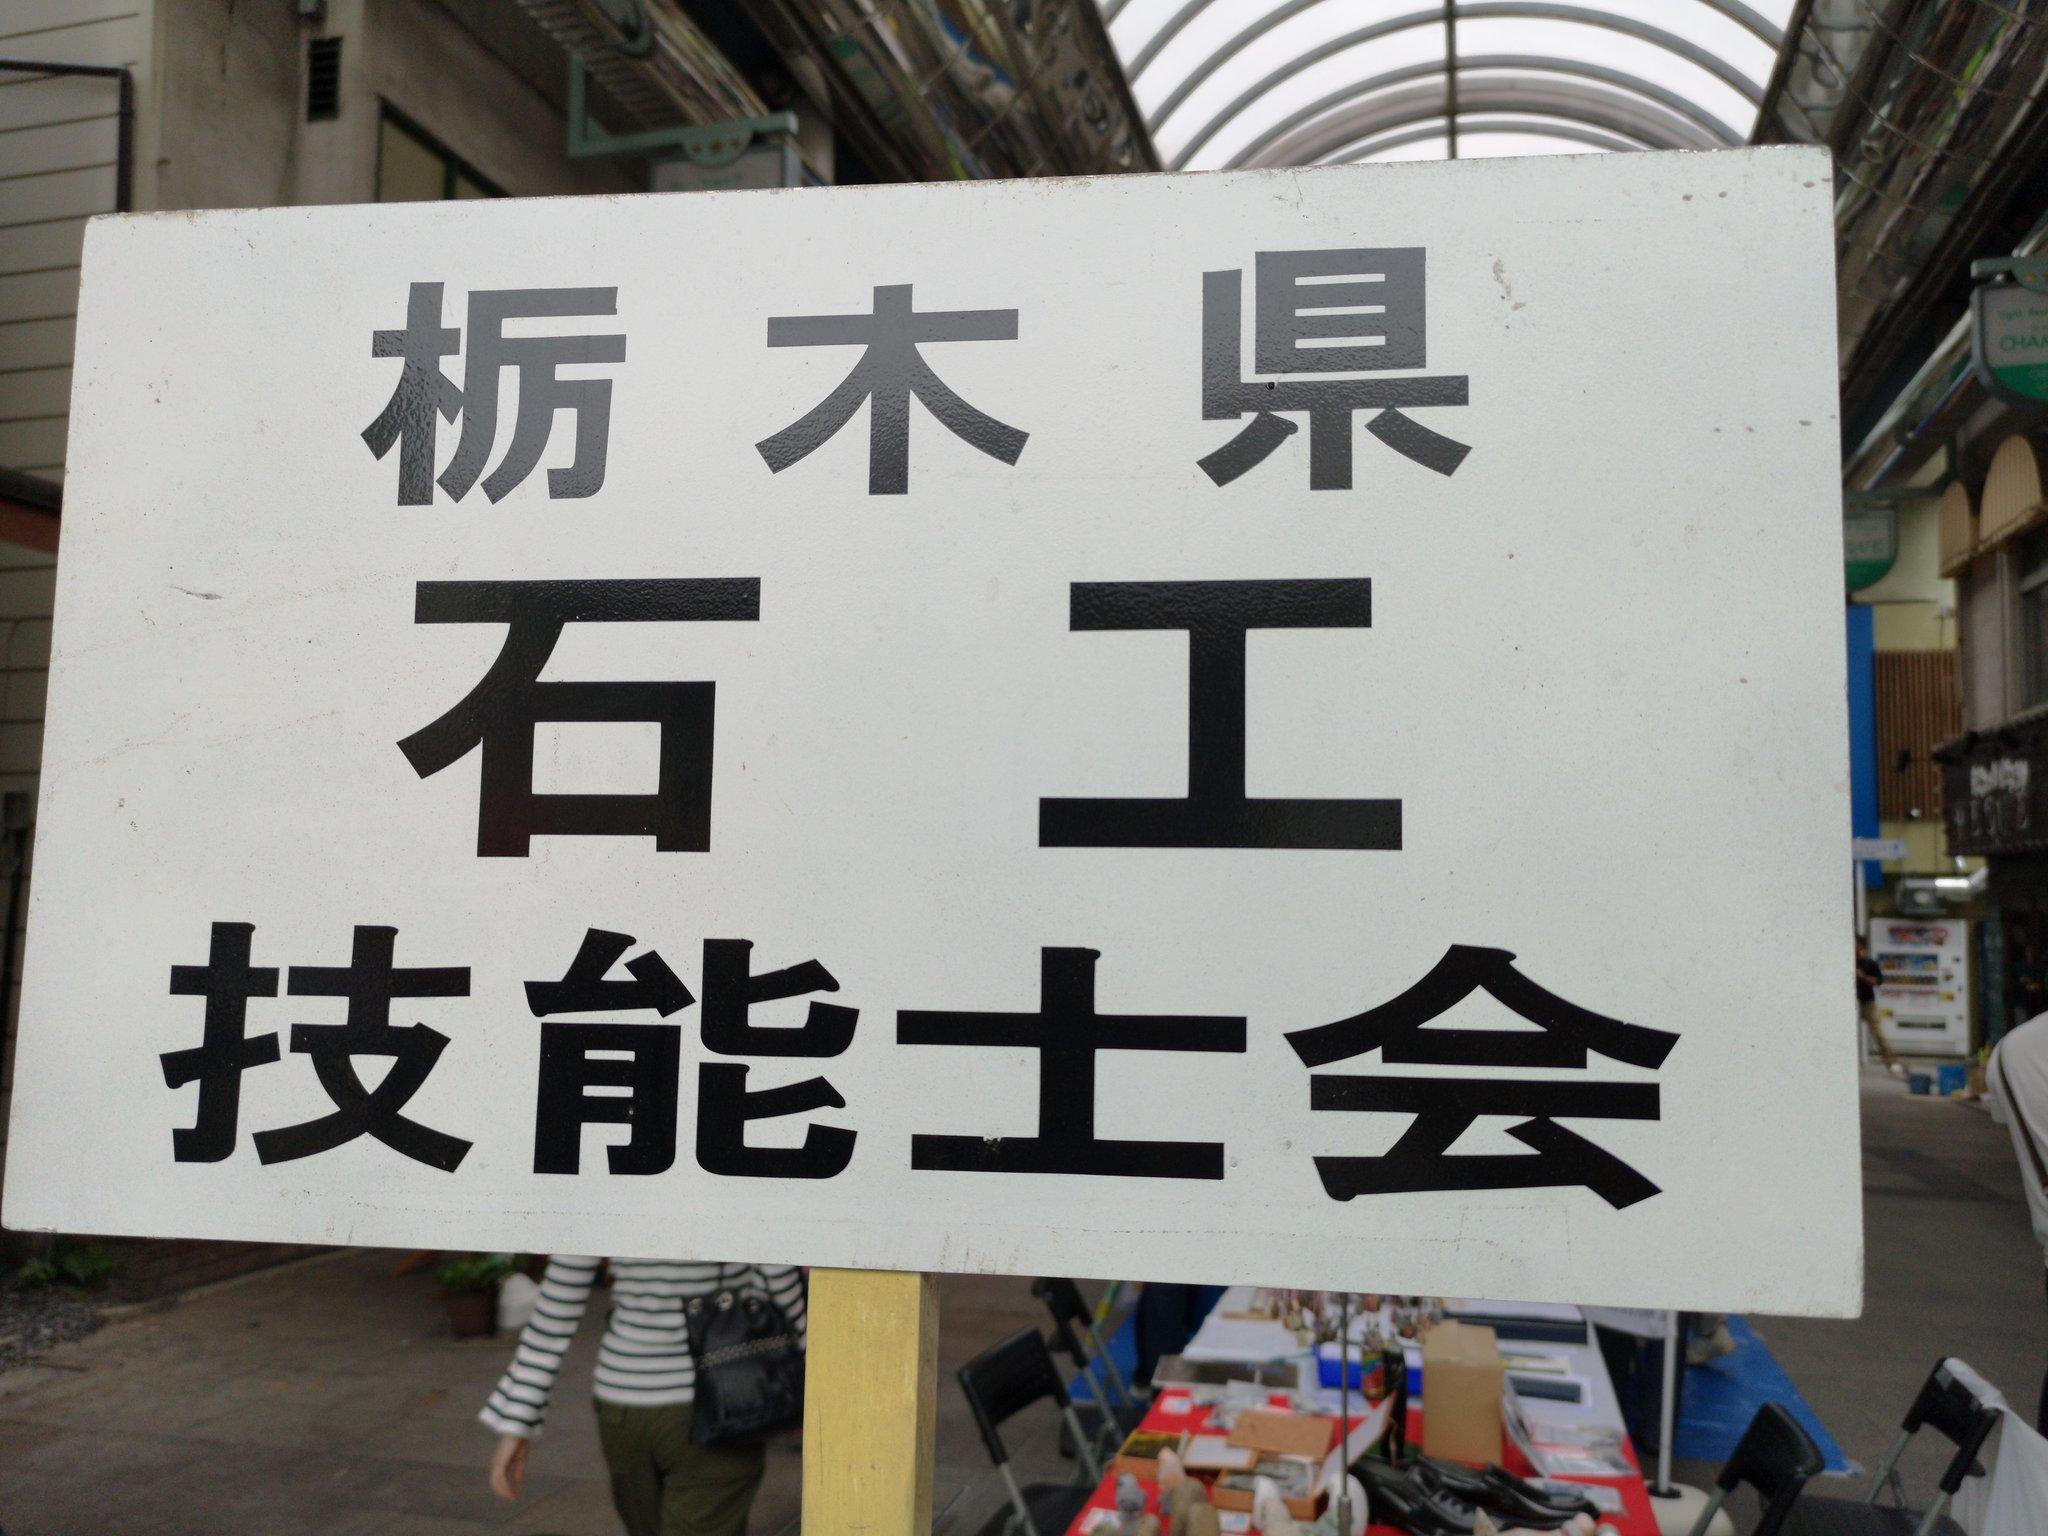 栃木県石工技能士会、技術力がヤバすぎる